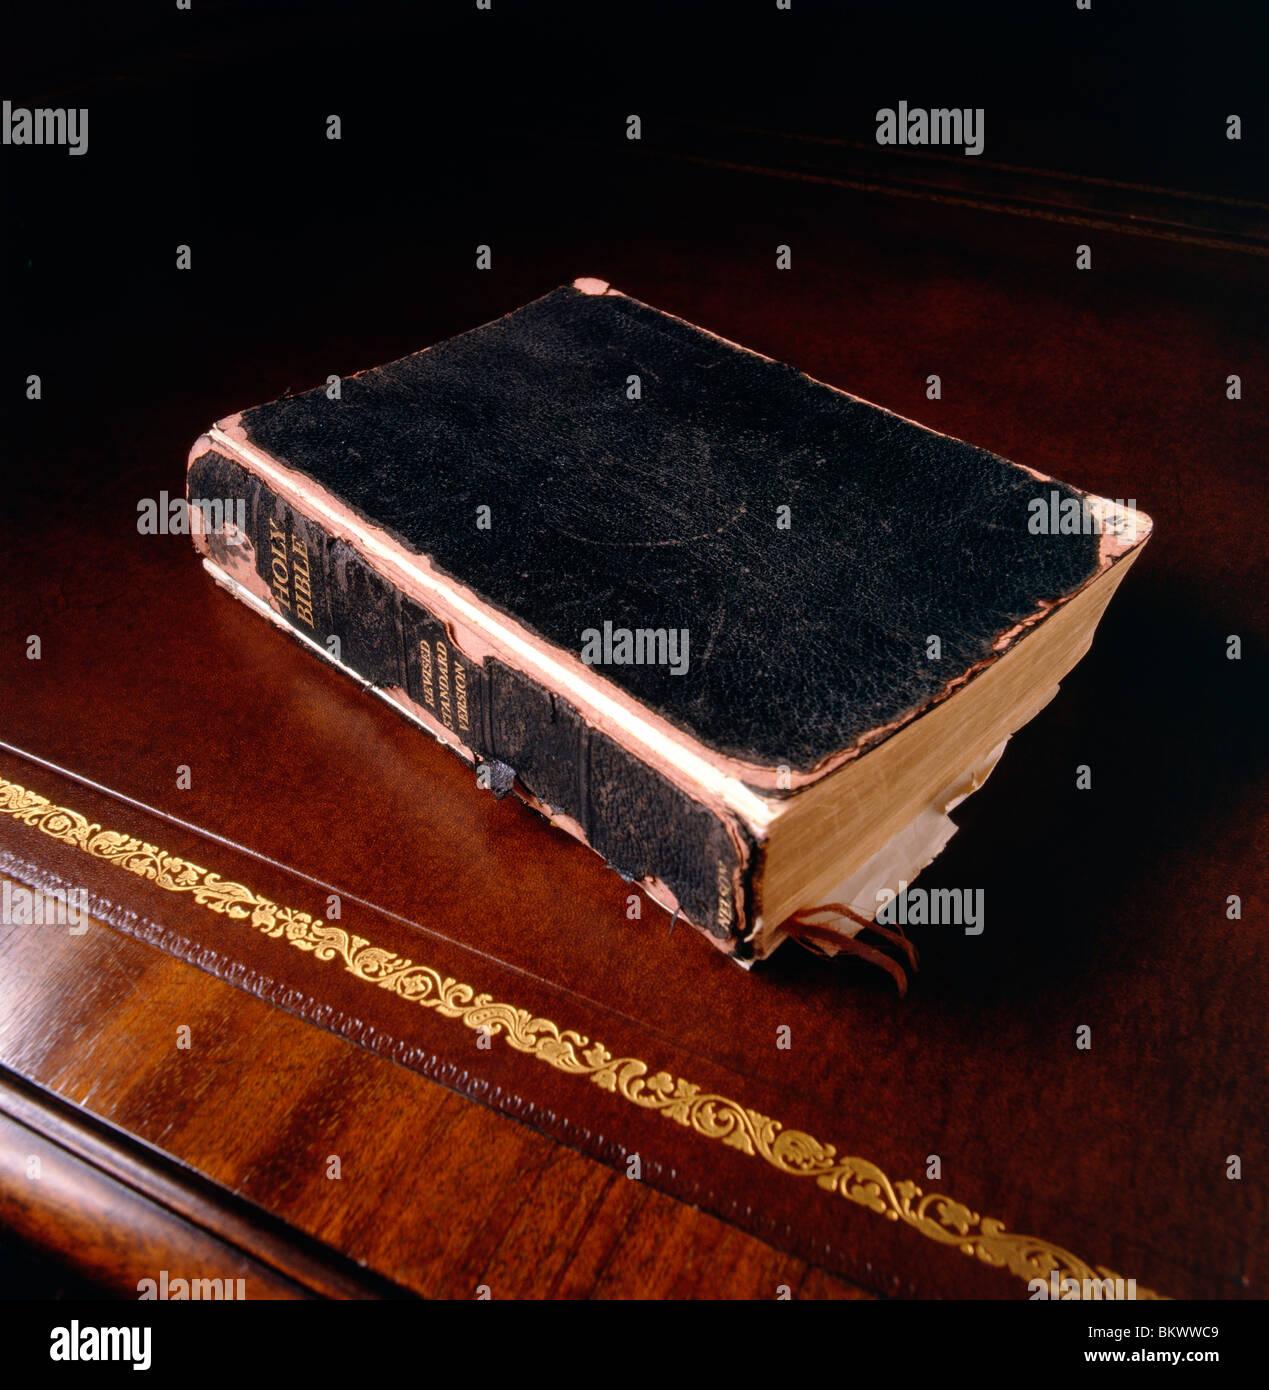 La vie encore l'étude d'une Bible sur un bureau ancien en cuir haut Banque D'Images